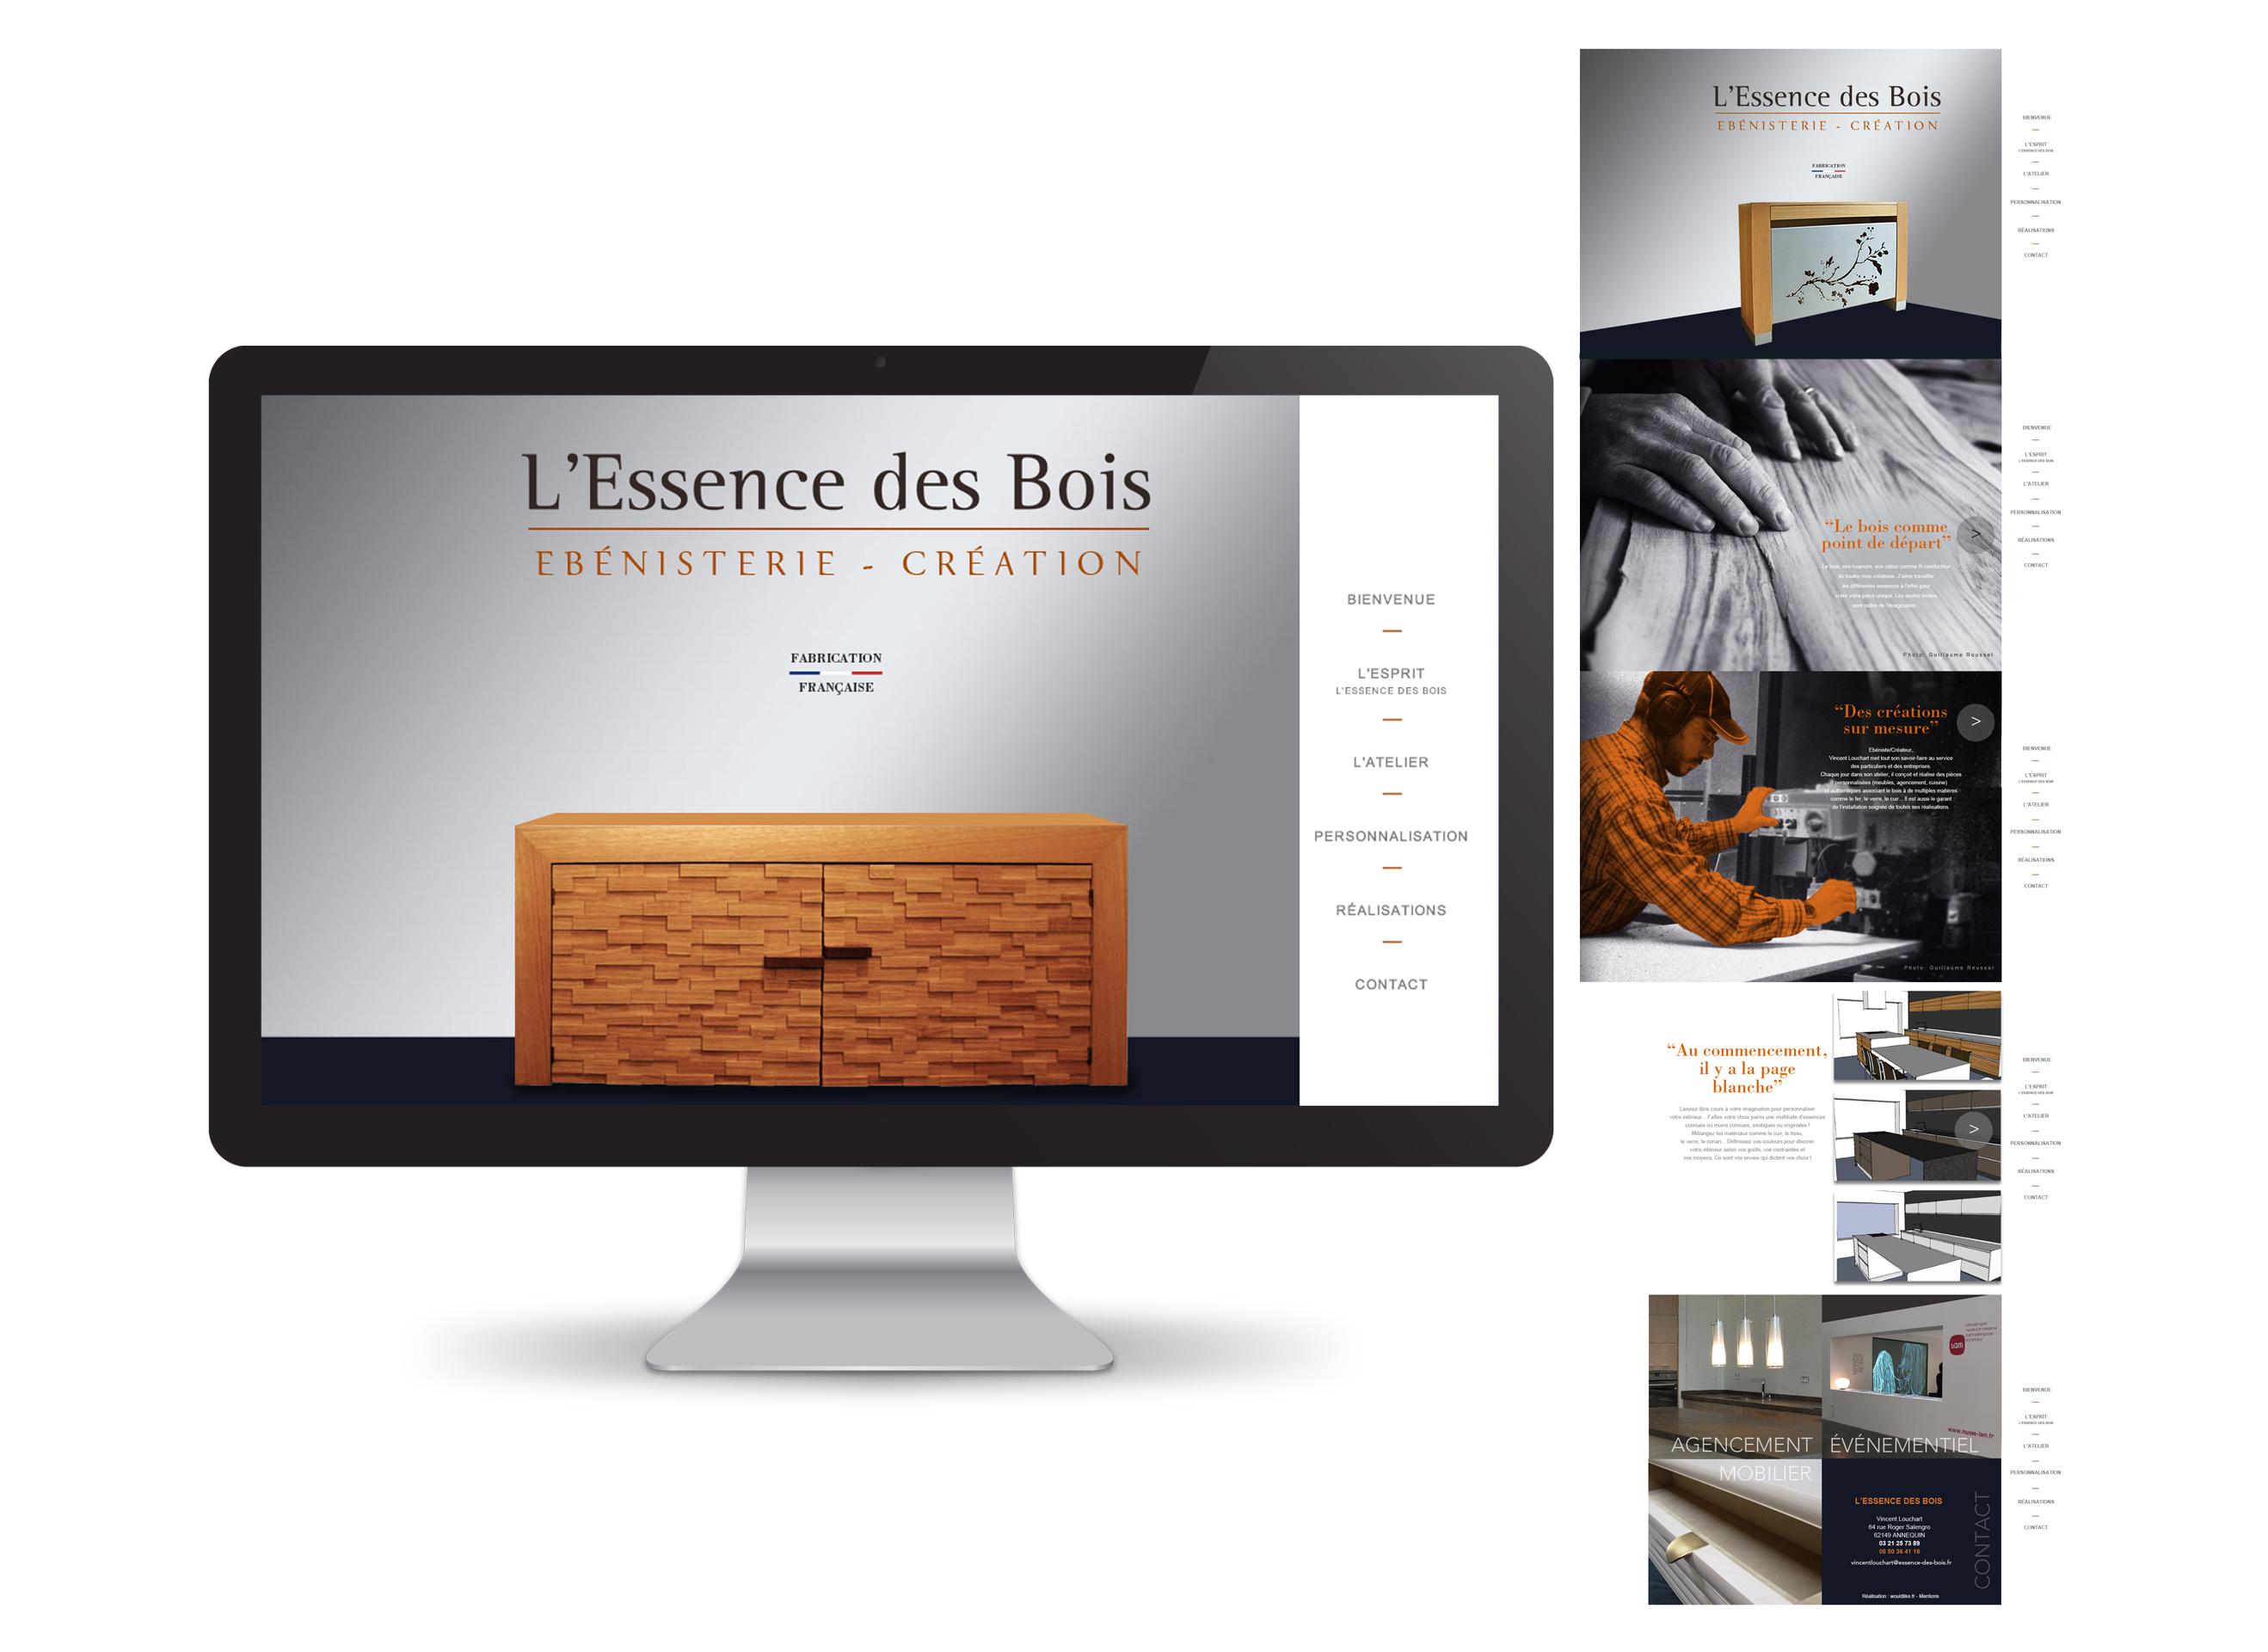 L essence des bois ebeniste designer architecte design meuble ebenisterie - Ebeniste designer meubles ...